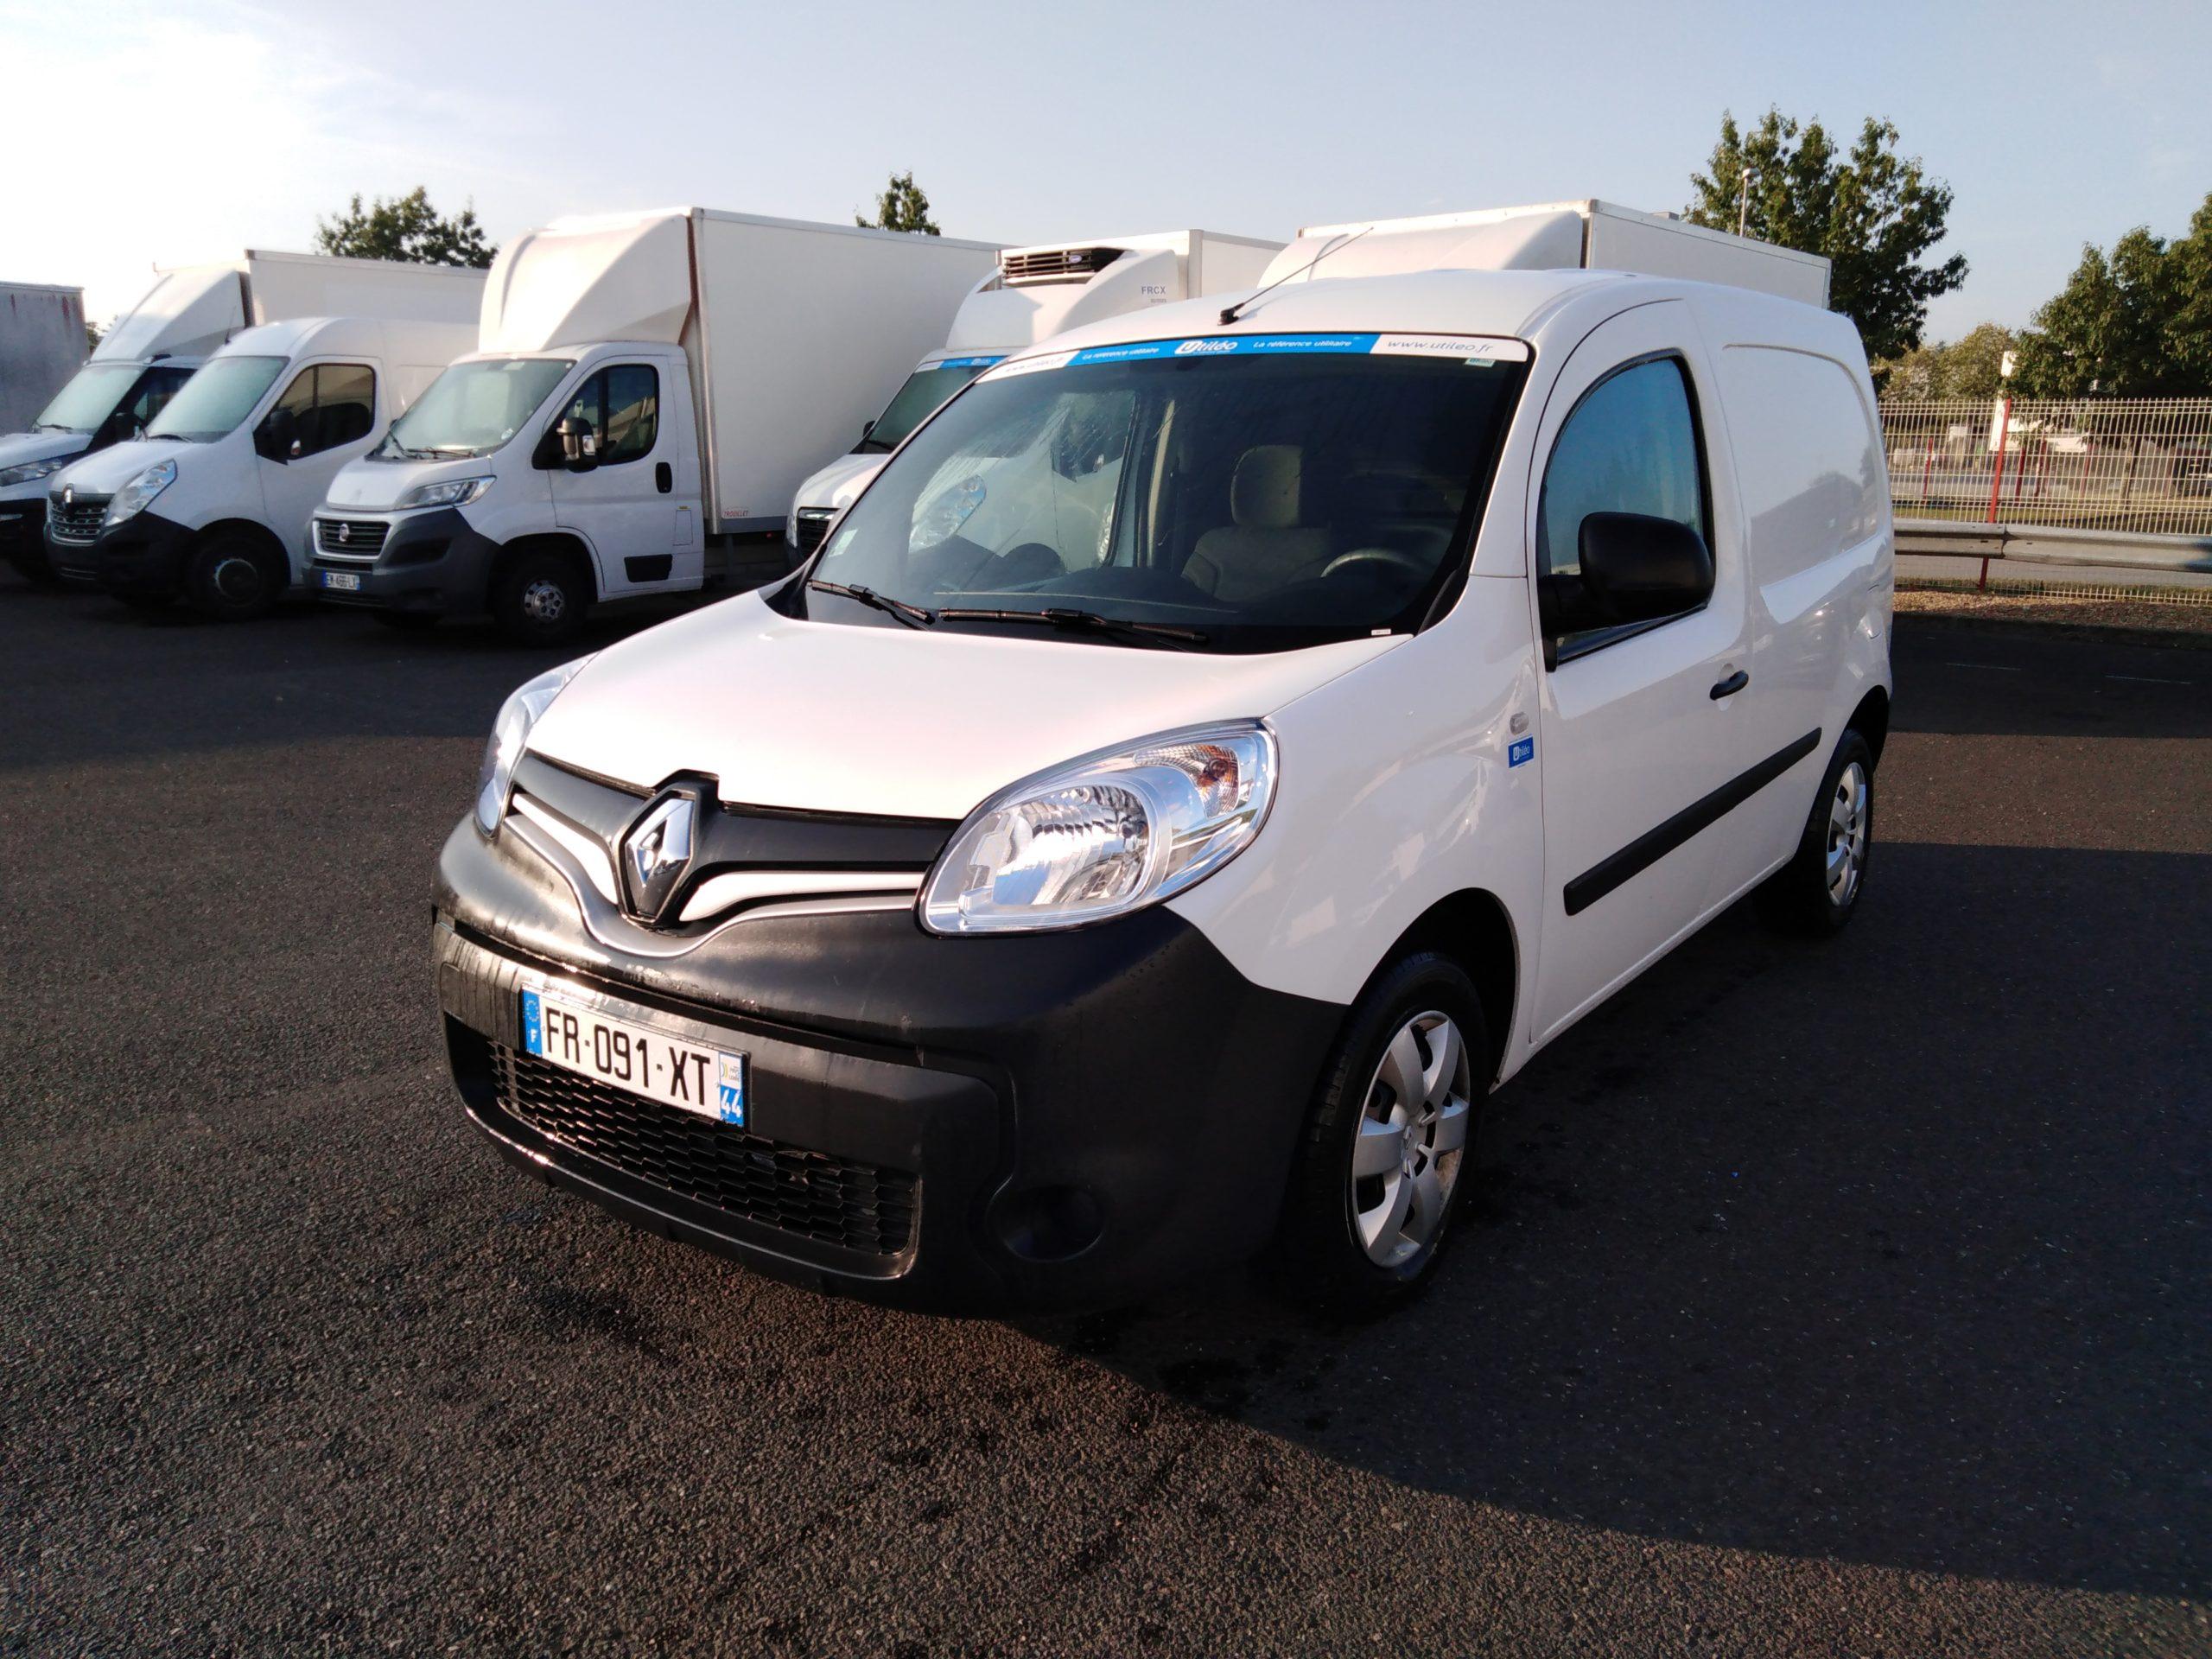 Location d'un utilitaire fourgonnette - Renault Kangoo L1H1-L2H1 3m3 - Vue1